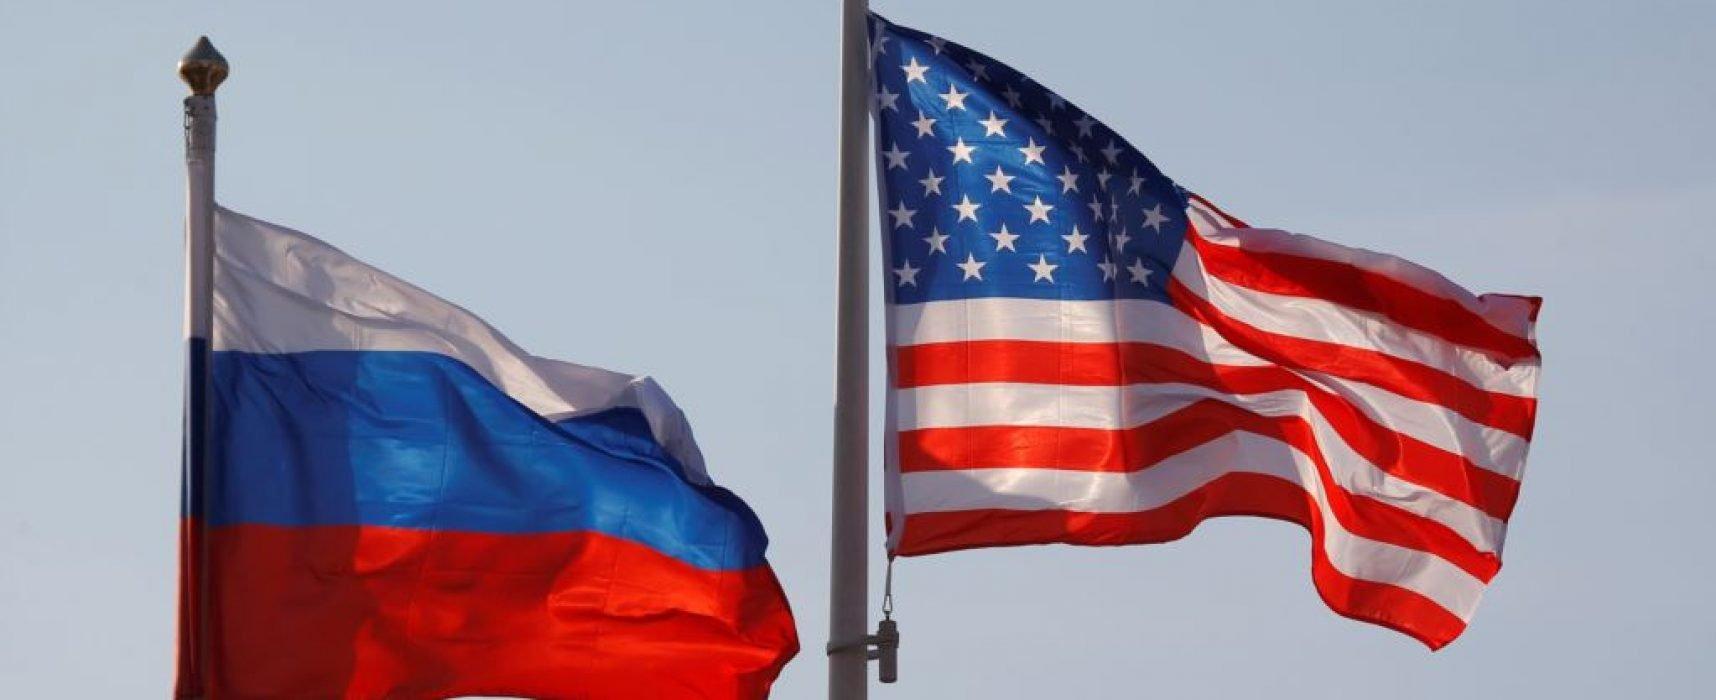 Конгресс США выделил 100 млн долларов на сопротивление влиянию России